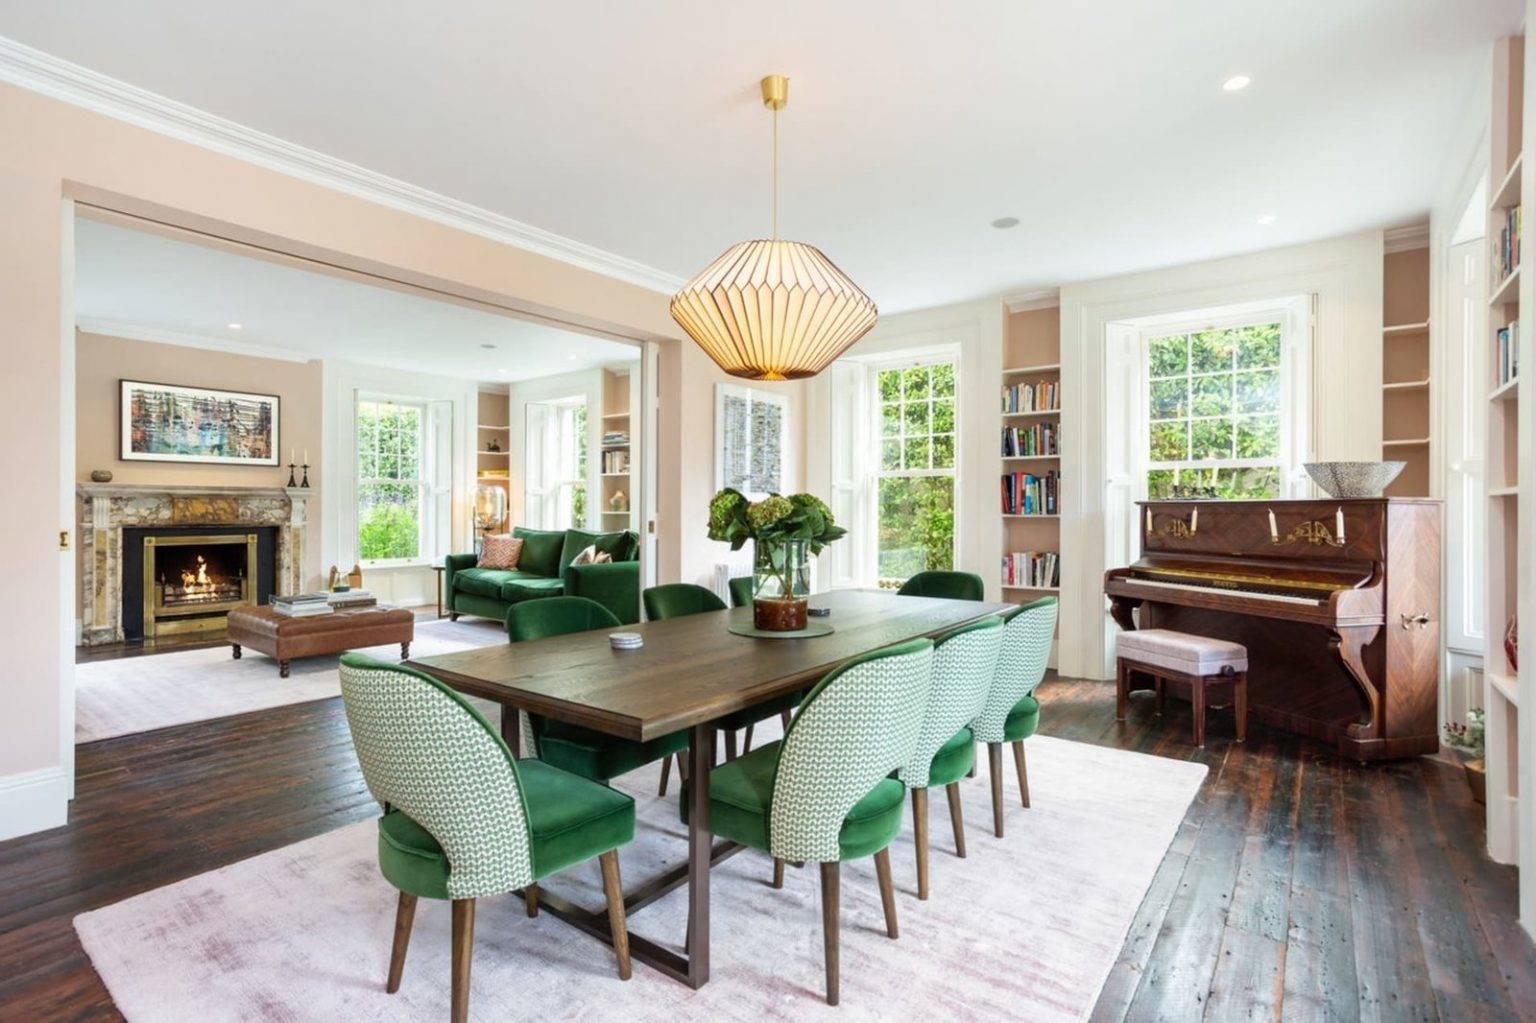 Mesa y sillas del de la casa de Saoirse Ronan de Mujercitas. Un salón comedor muy amplio